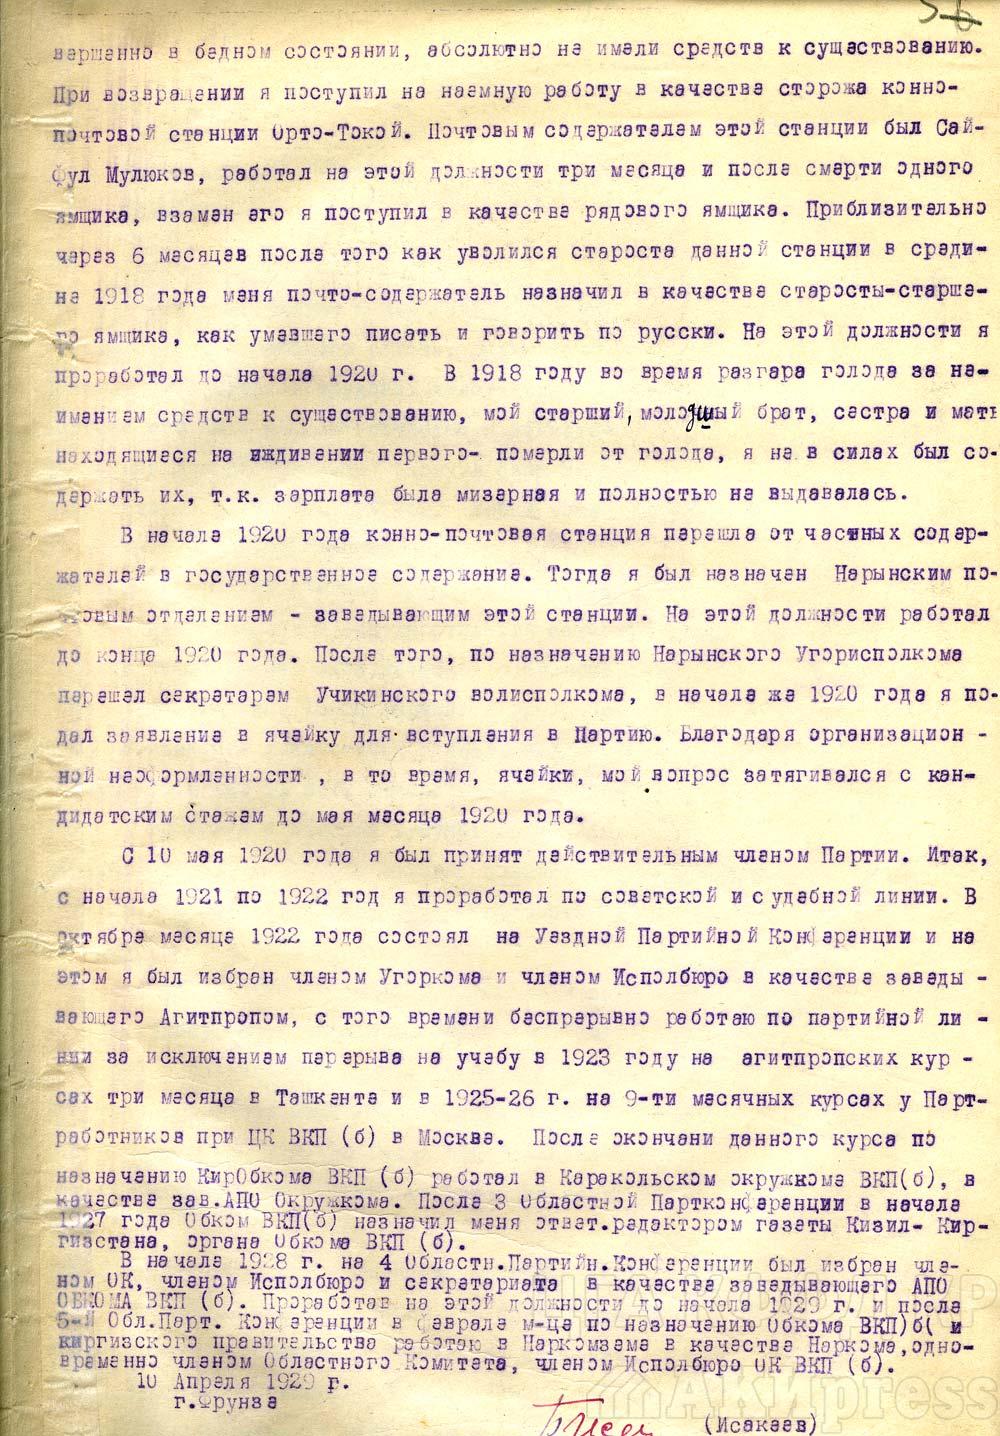 Автобиография Баялы Исакеева / Госархив / АКИpress